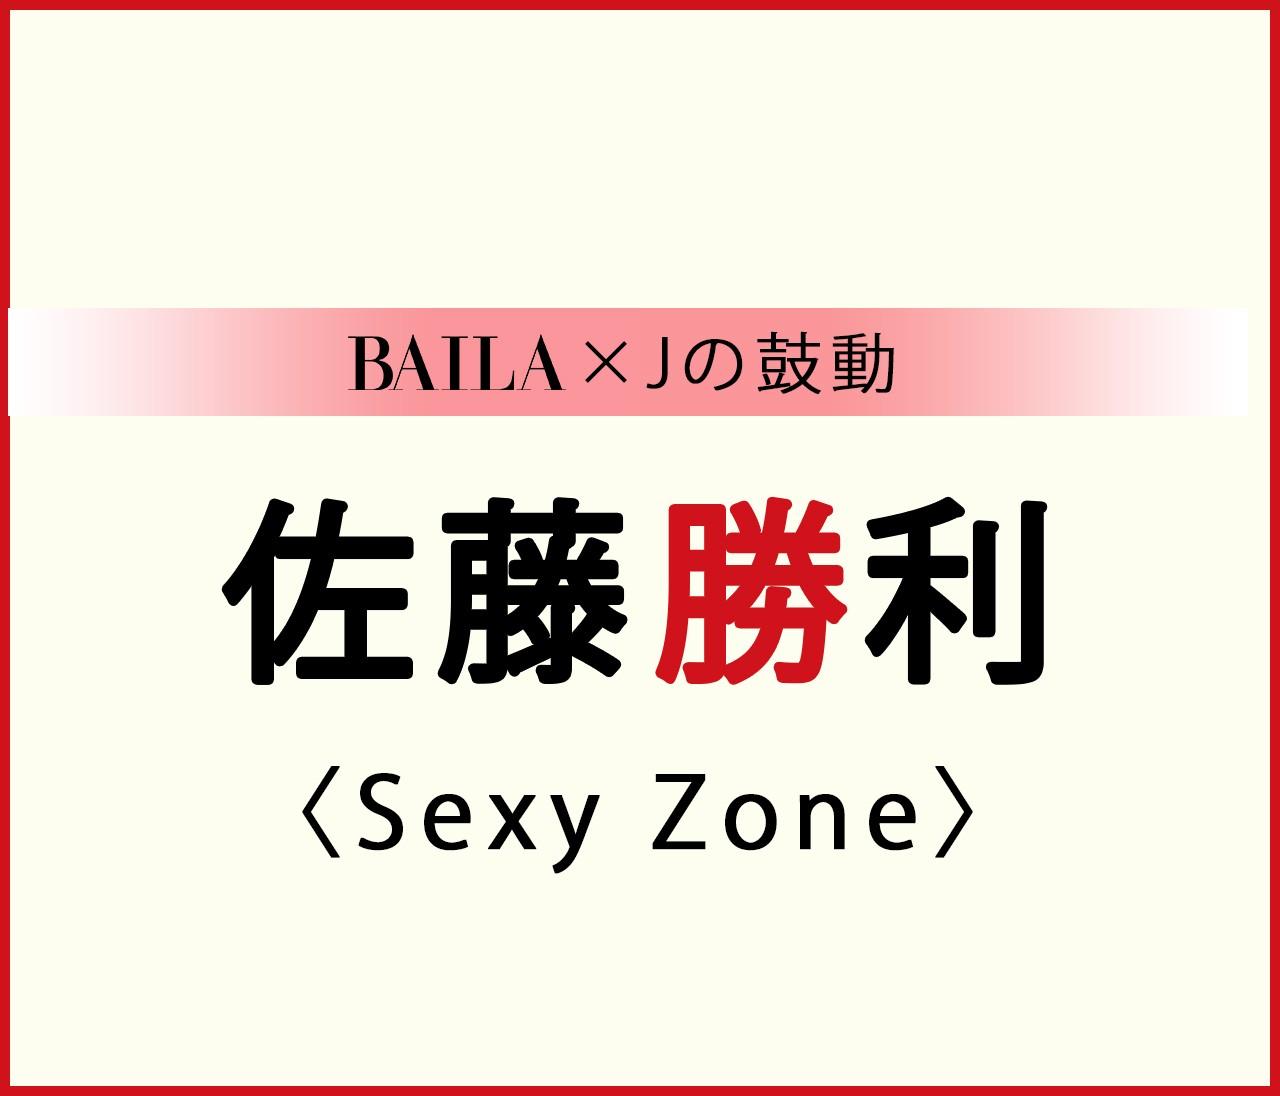 【Sexy Zone】佐藤勝利スペシャルインタビュー!【BAILA × Jの鼓動】